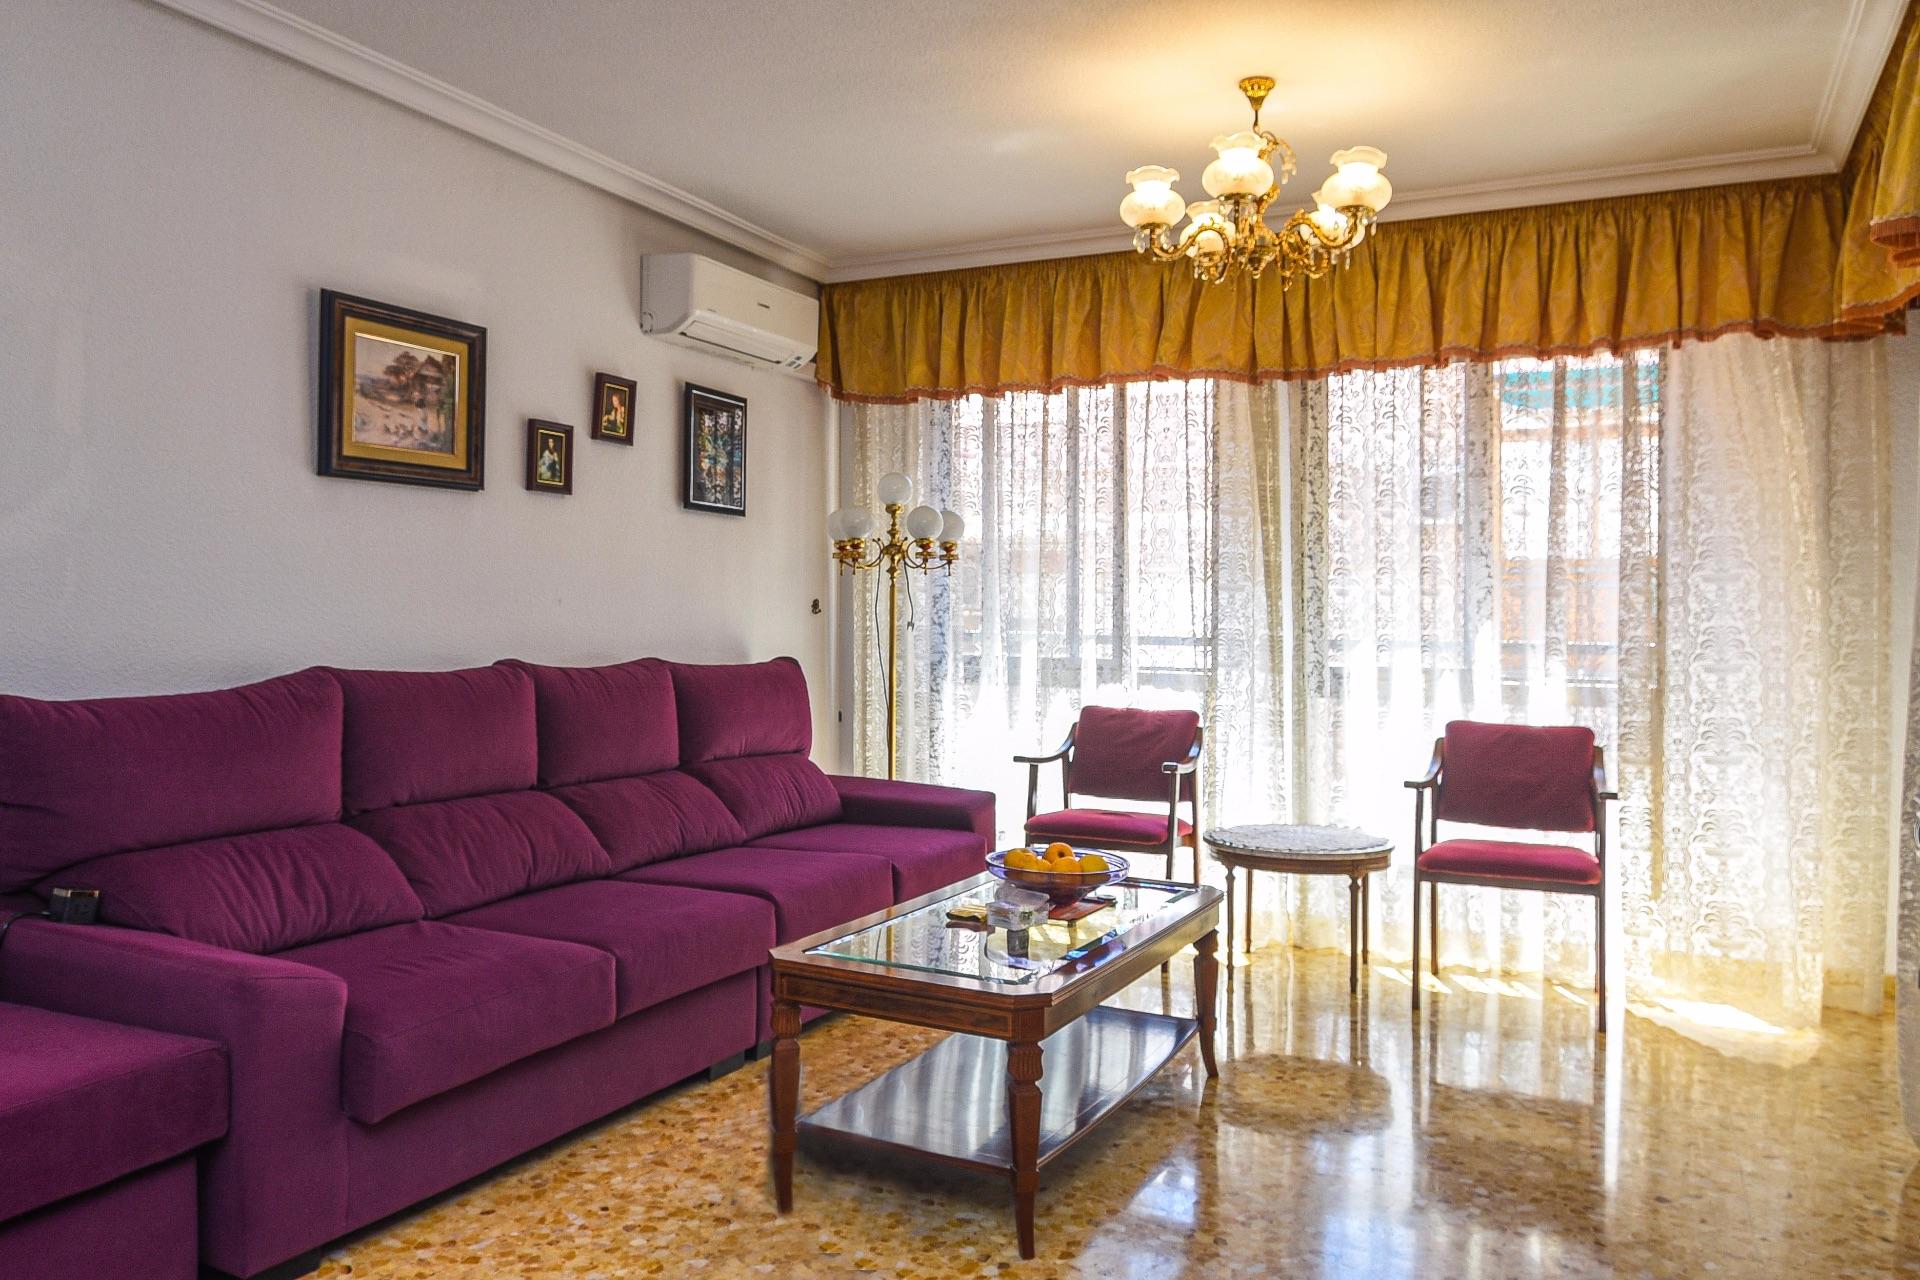 Flat in Alicante, centro, for sale